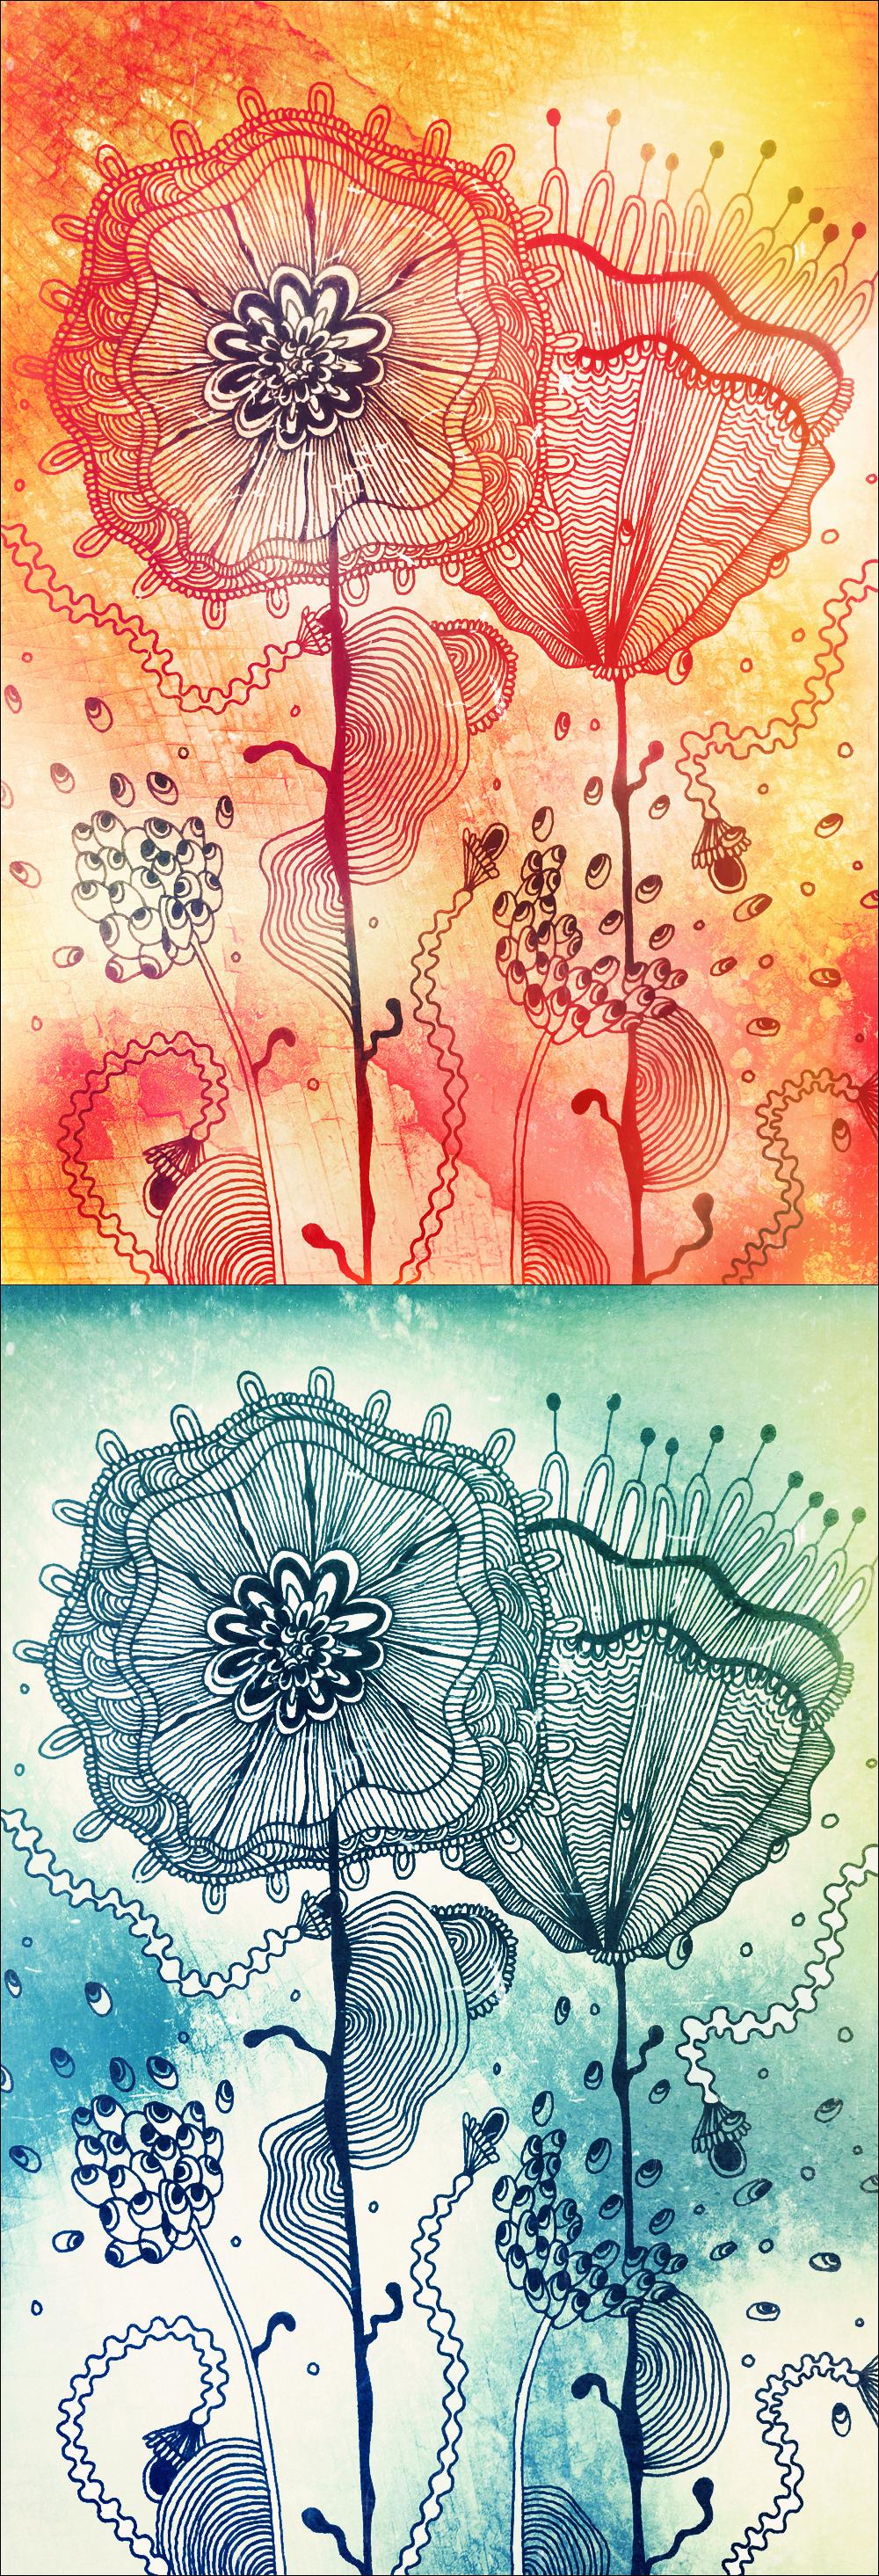 Summerheat & Summerbreeze